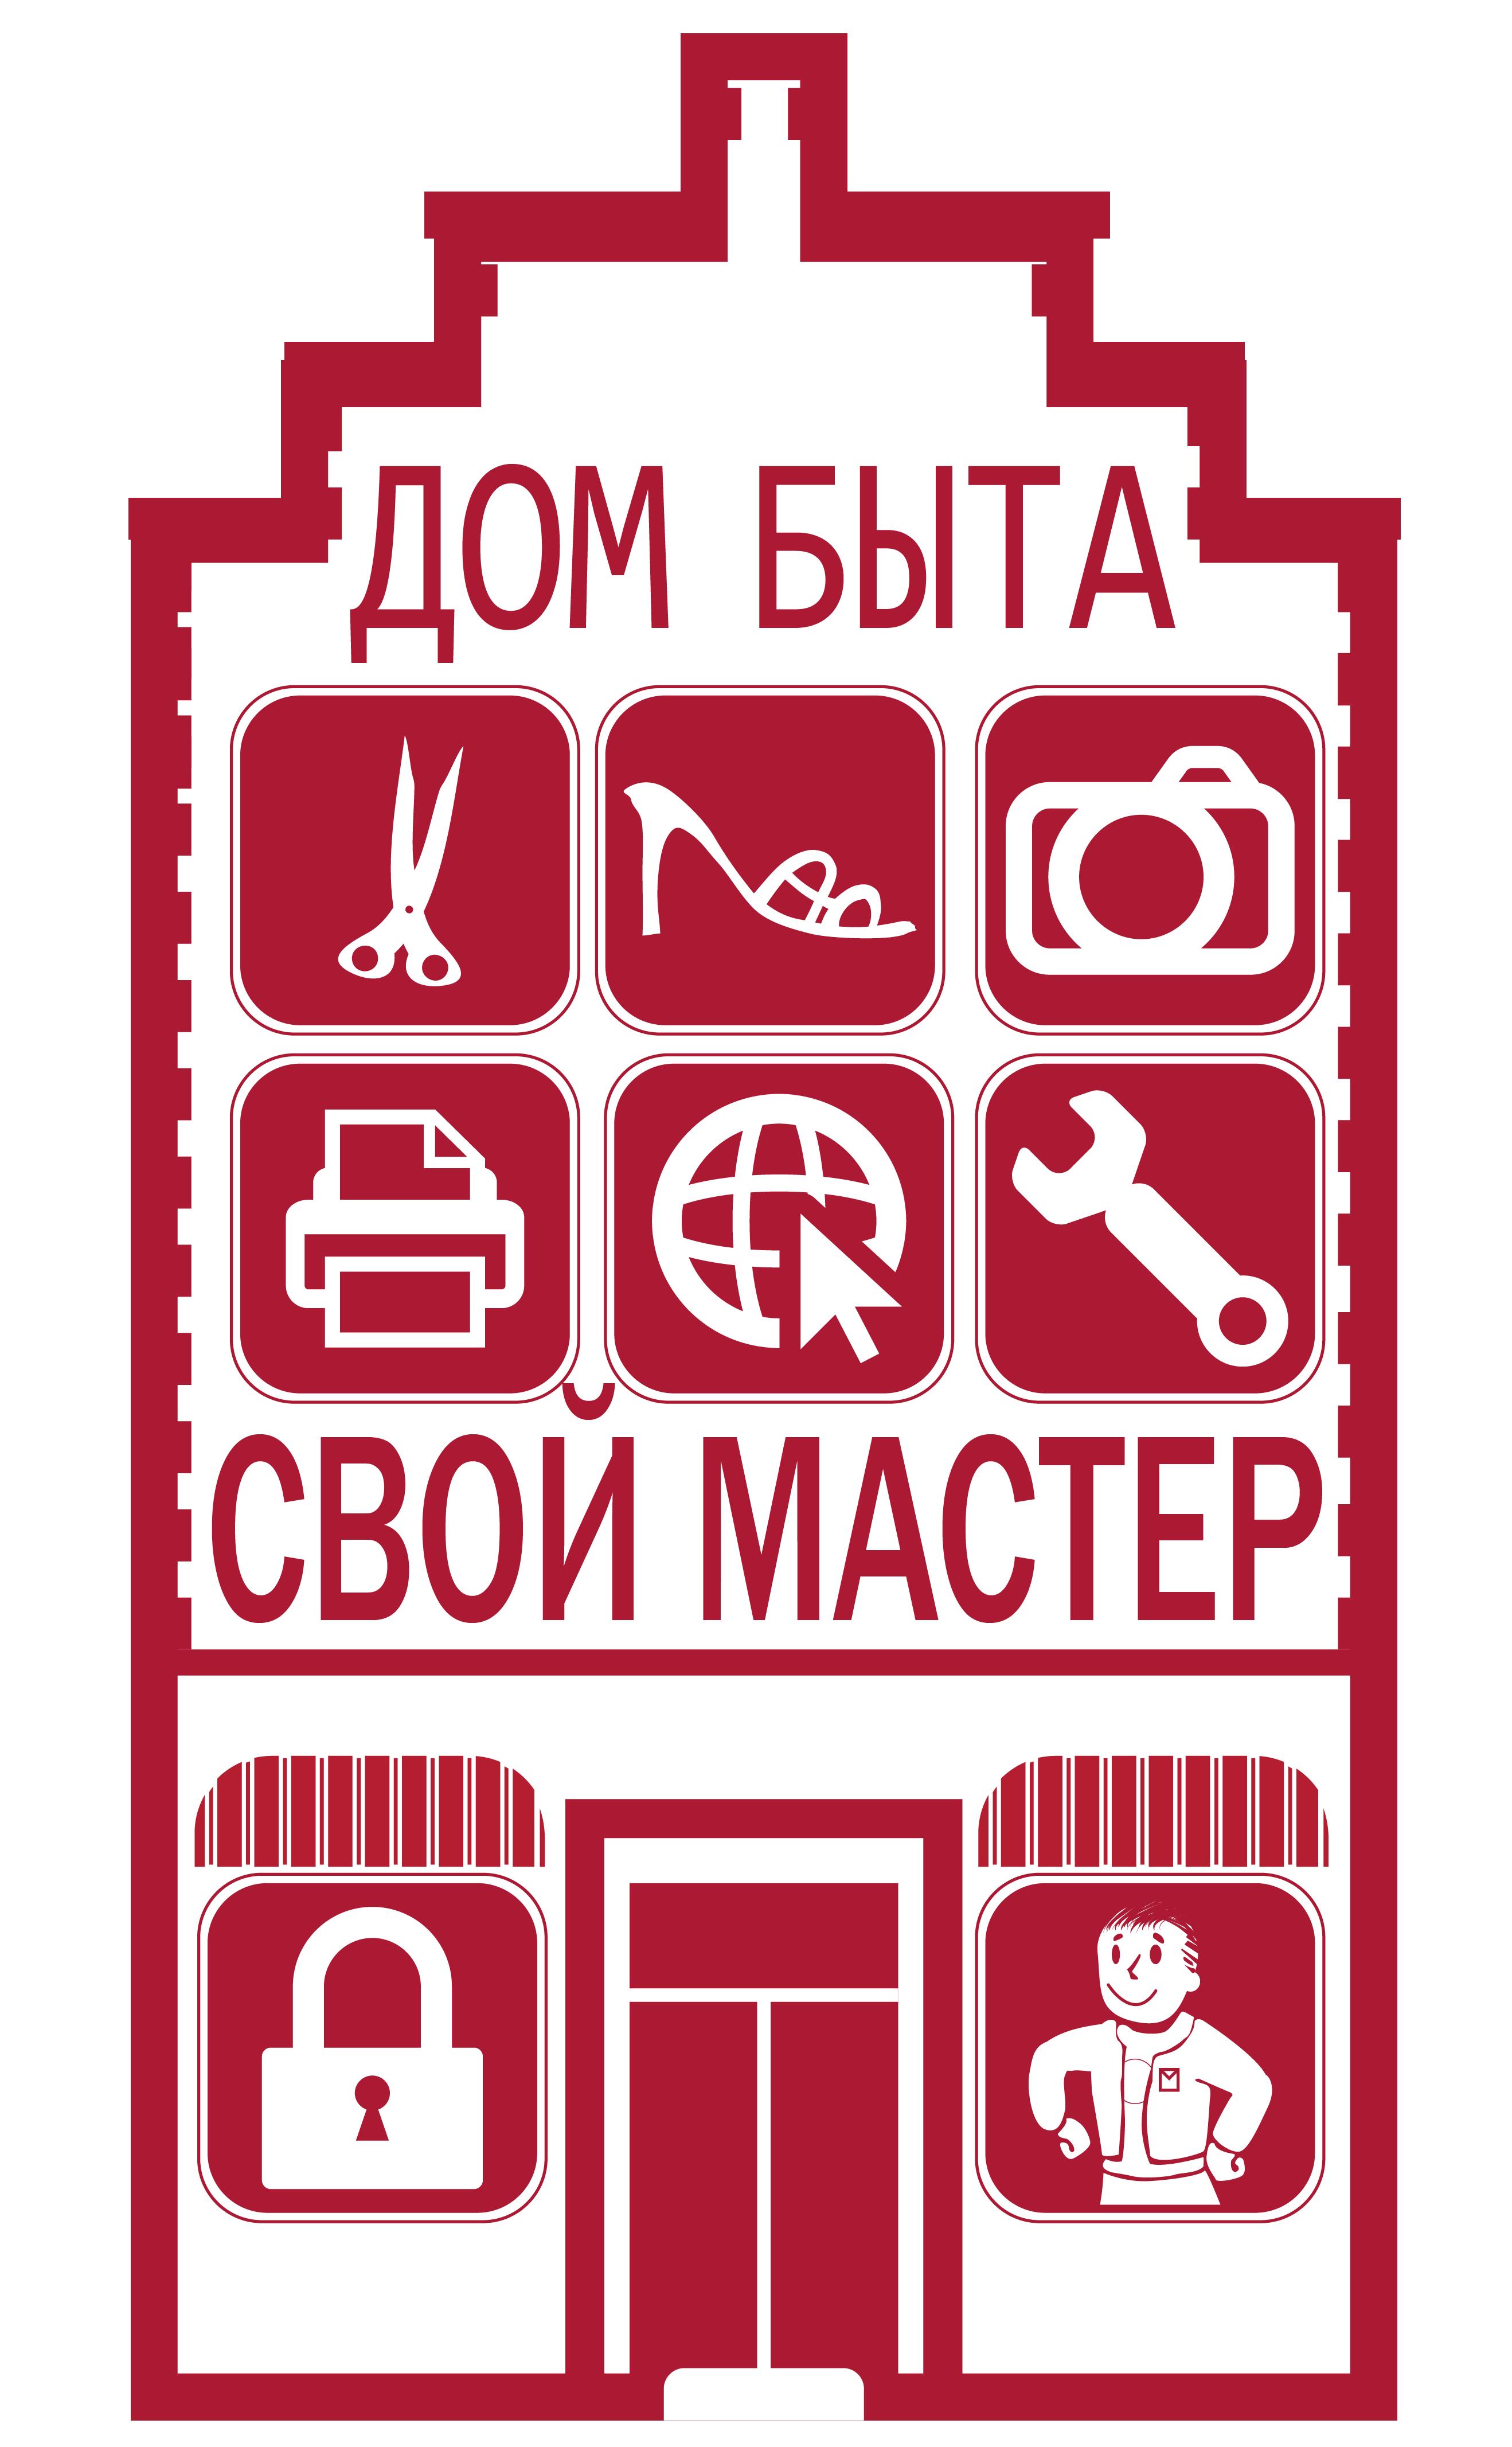 Логотип для сетевого ДОМ БЫТА фото f_7585d77e79acb482.png